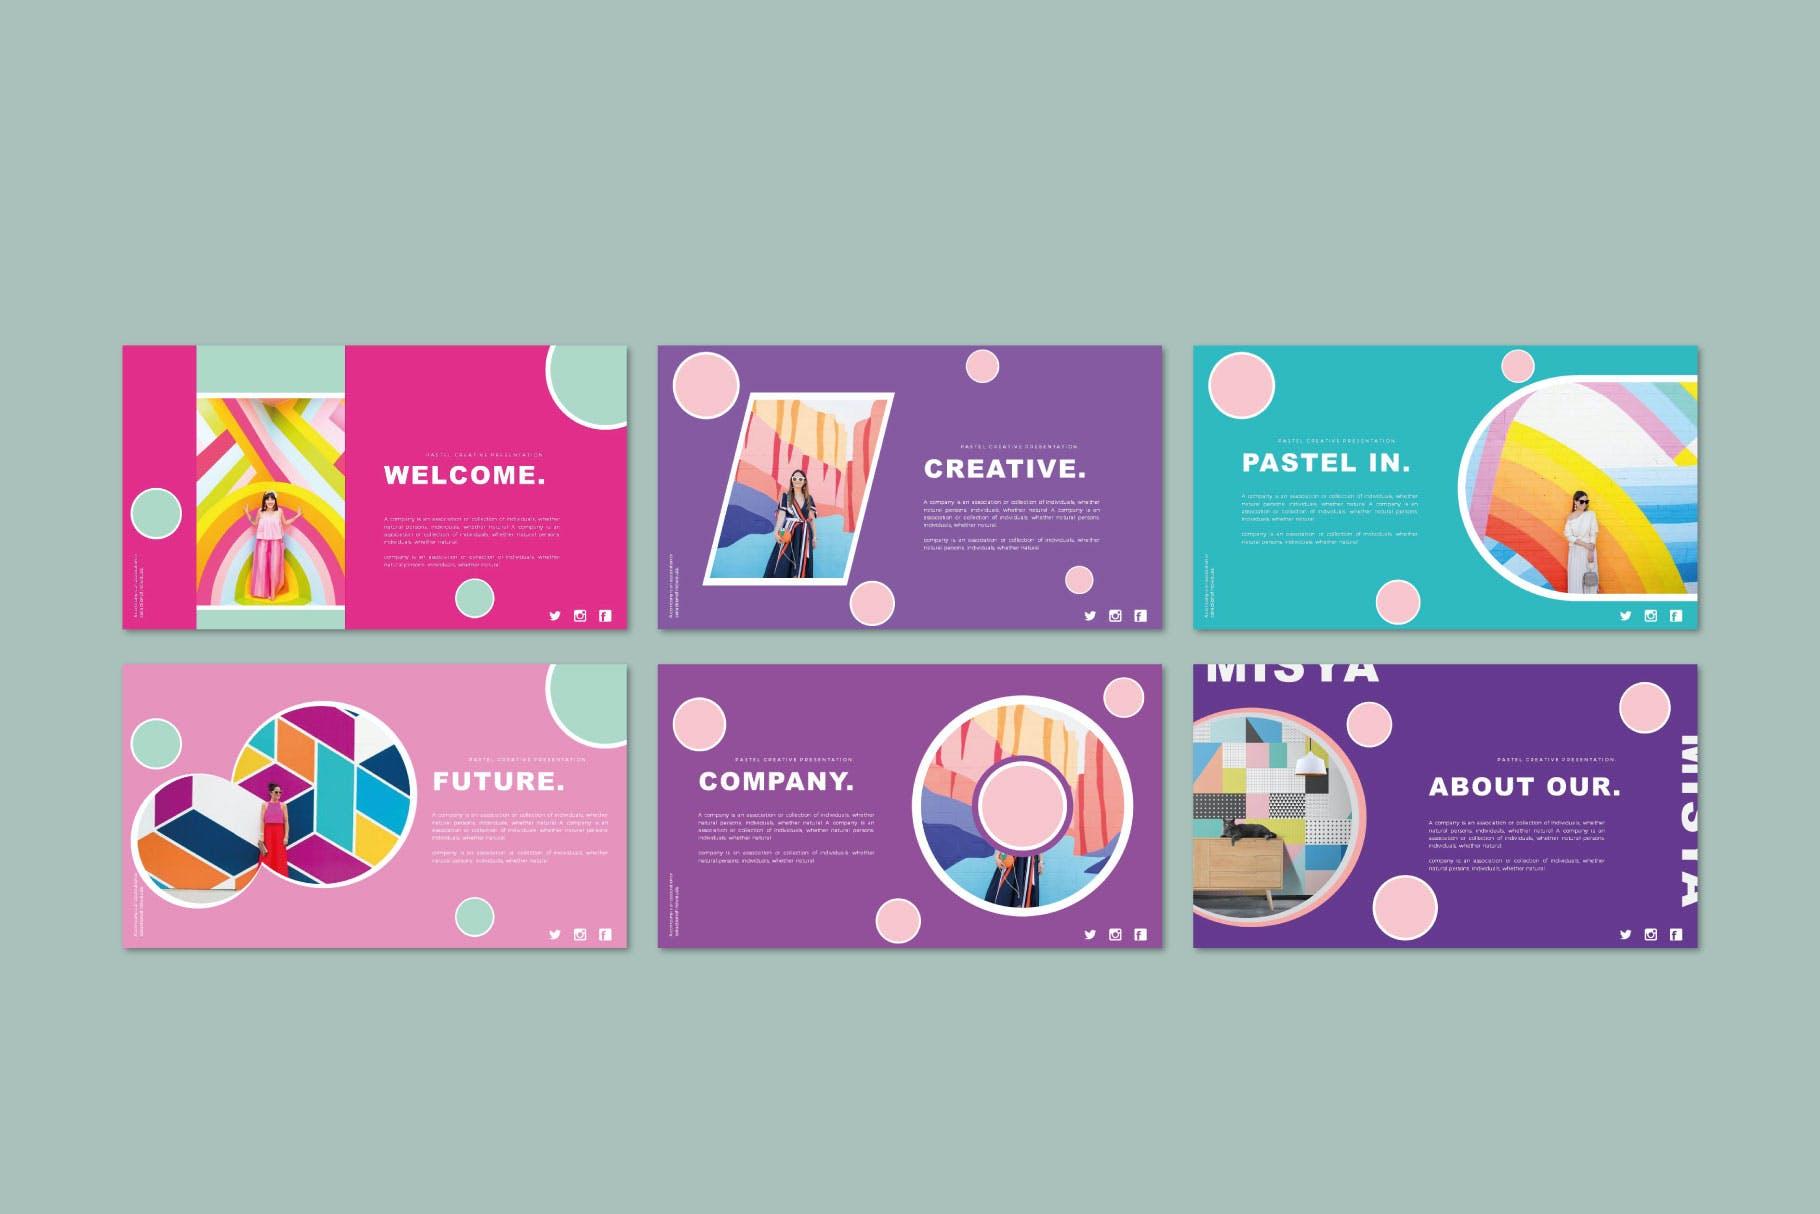 时尚多彩策划案图文排版设计演示文稿模板 Misya – Powerpoint Template插图(3)